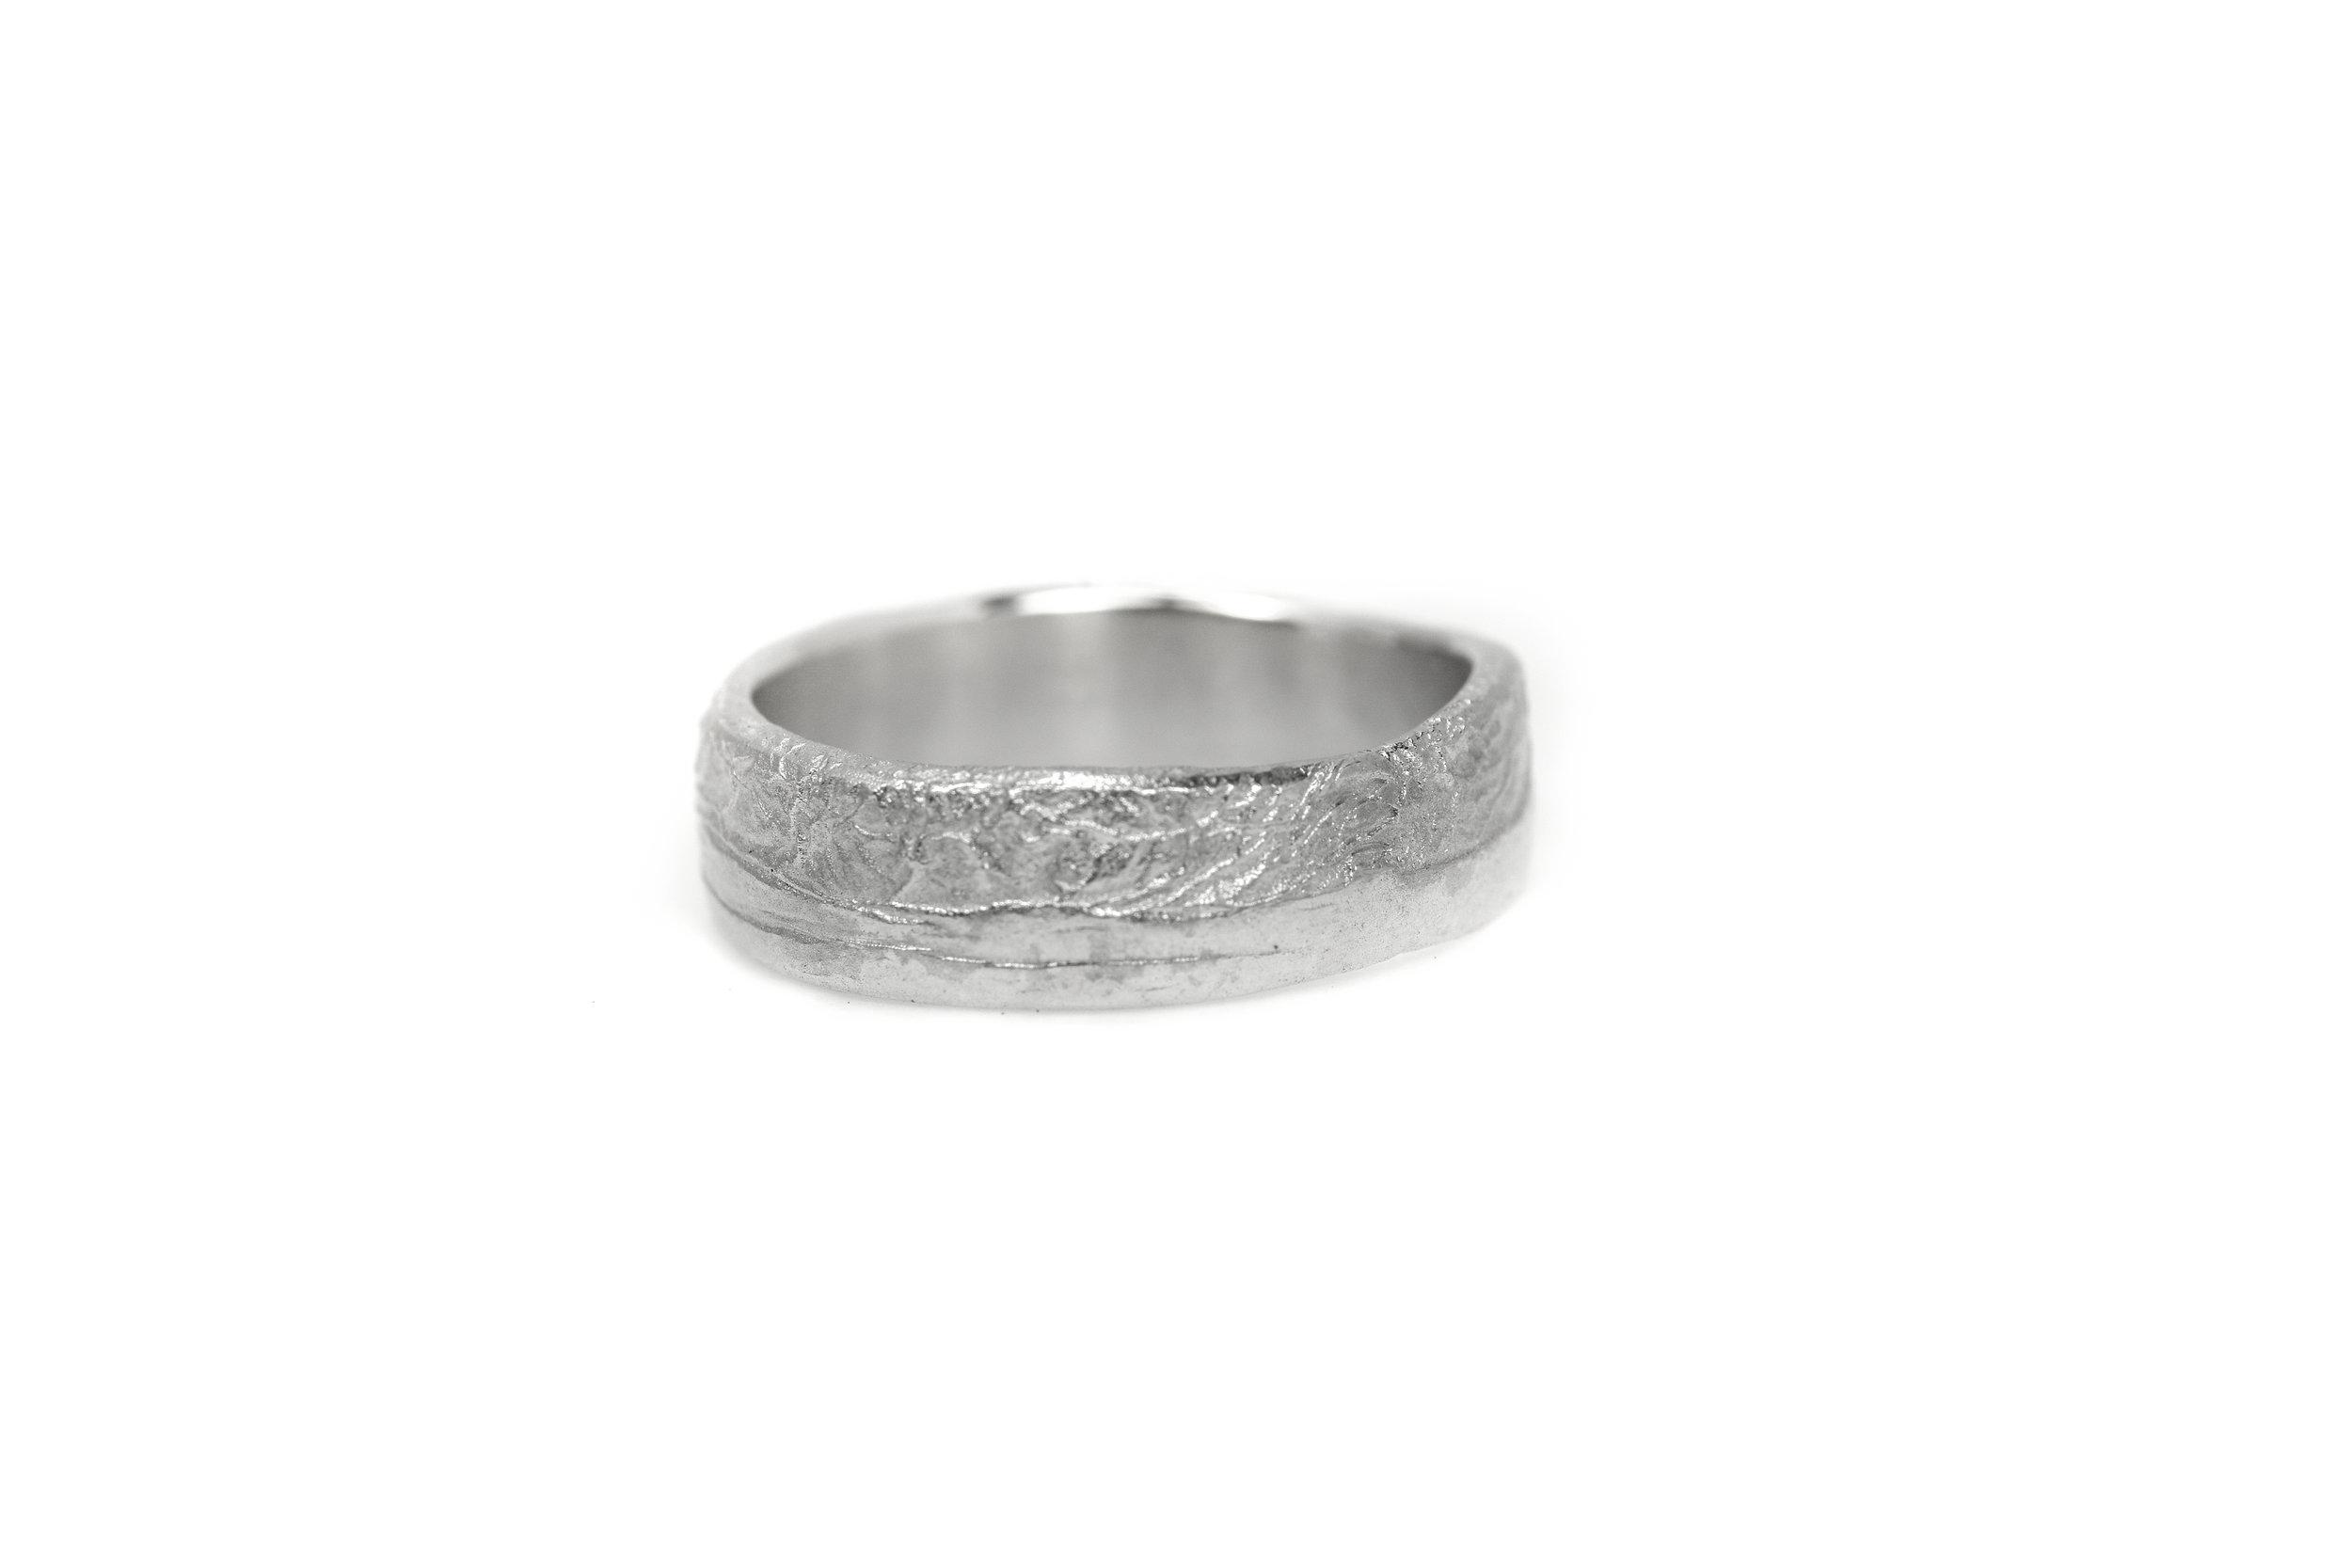 liesbethbusman-saagae-trouwringen-weddingrings--14 wit goud (1 van 1).jpg